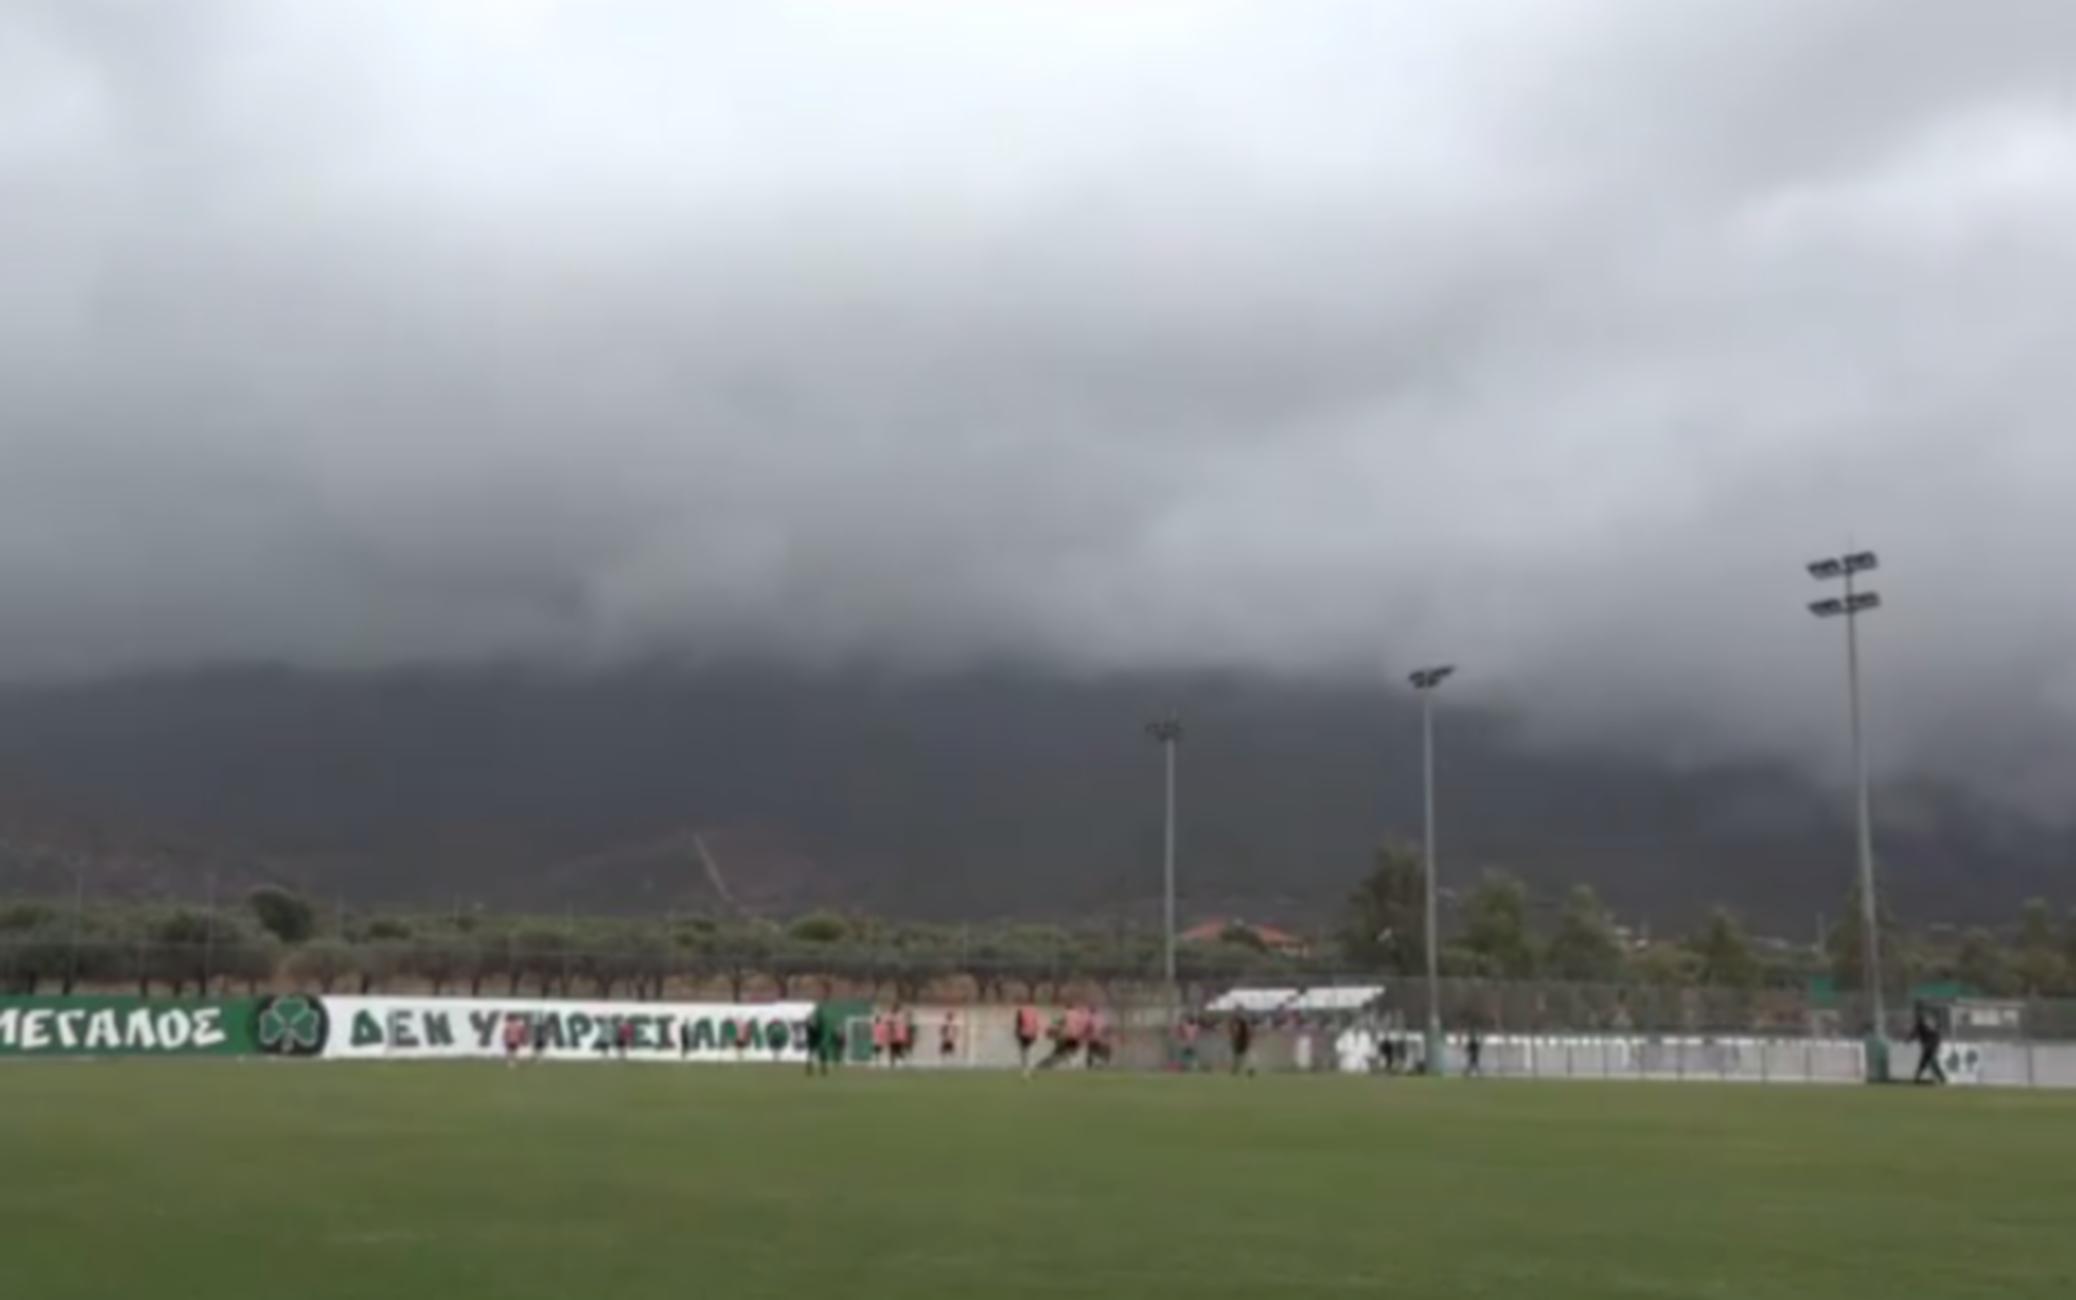 Παναθηναϊκός: Μαύρα σύννεφα «σκέπασαν» το Κορωπί